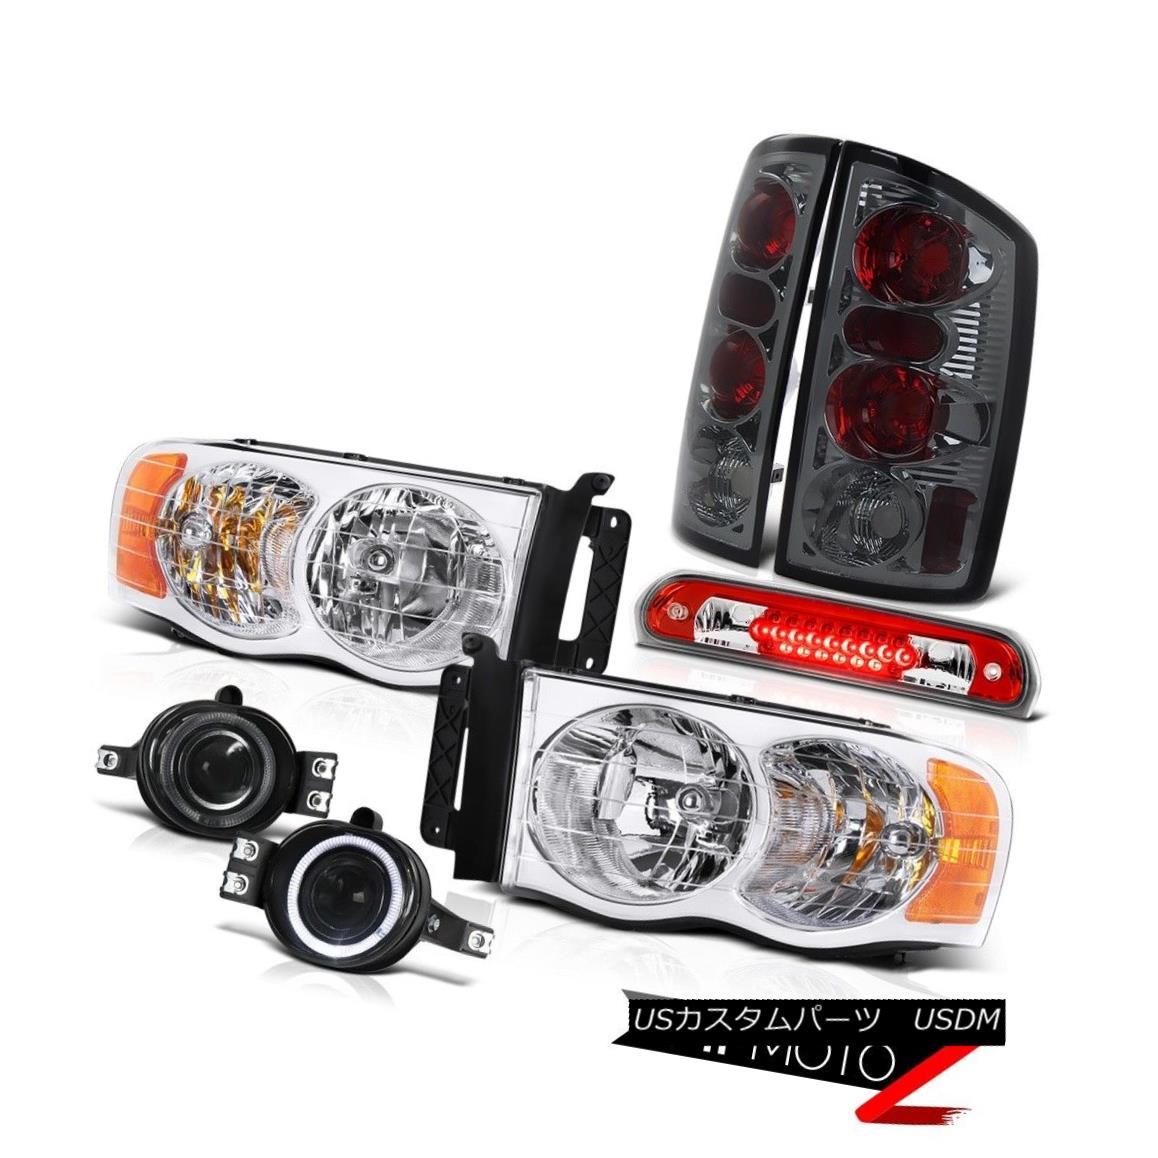 テールライト 02 03 04 05 Ram PowerTech Clear Headlamps Tail Lamps Projector Fog High LED 3rd 02 03 04 05 Ram PowerTechクリアヘッドランプテールランププロジェクターフォグハイLED 3rd